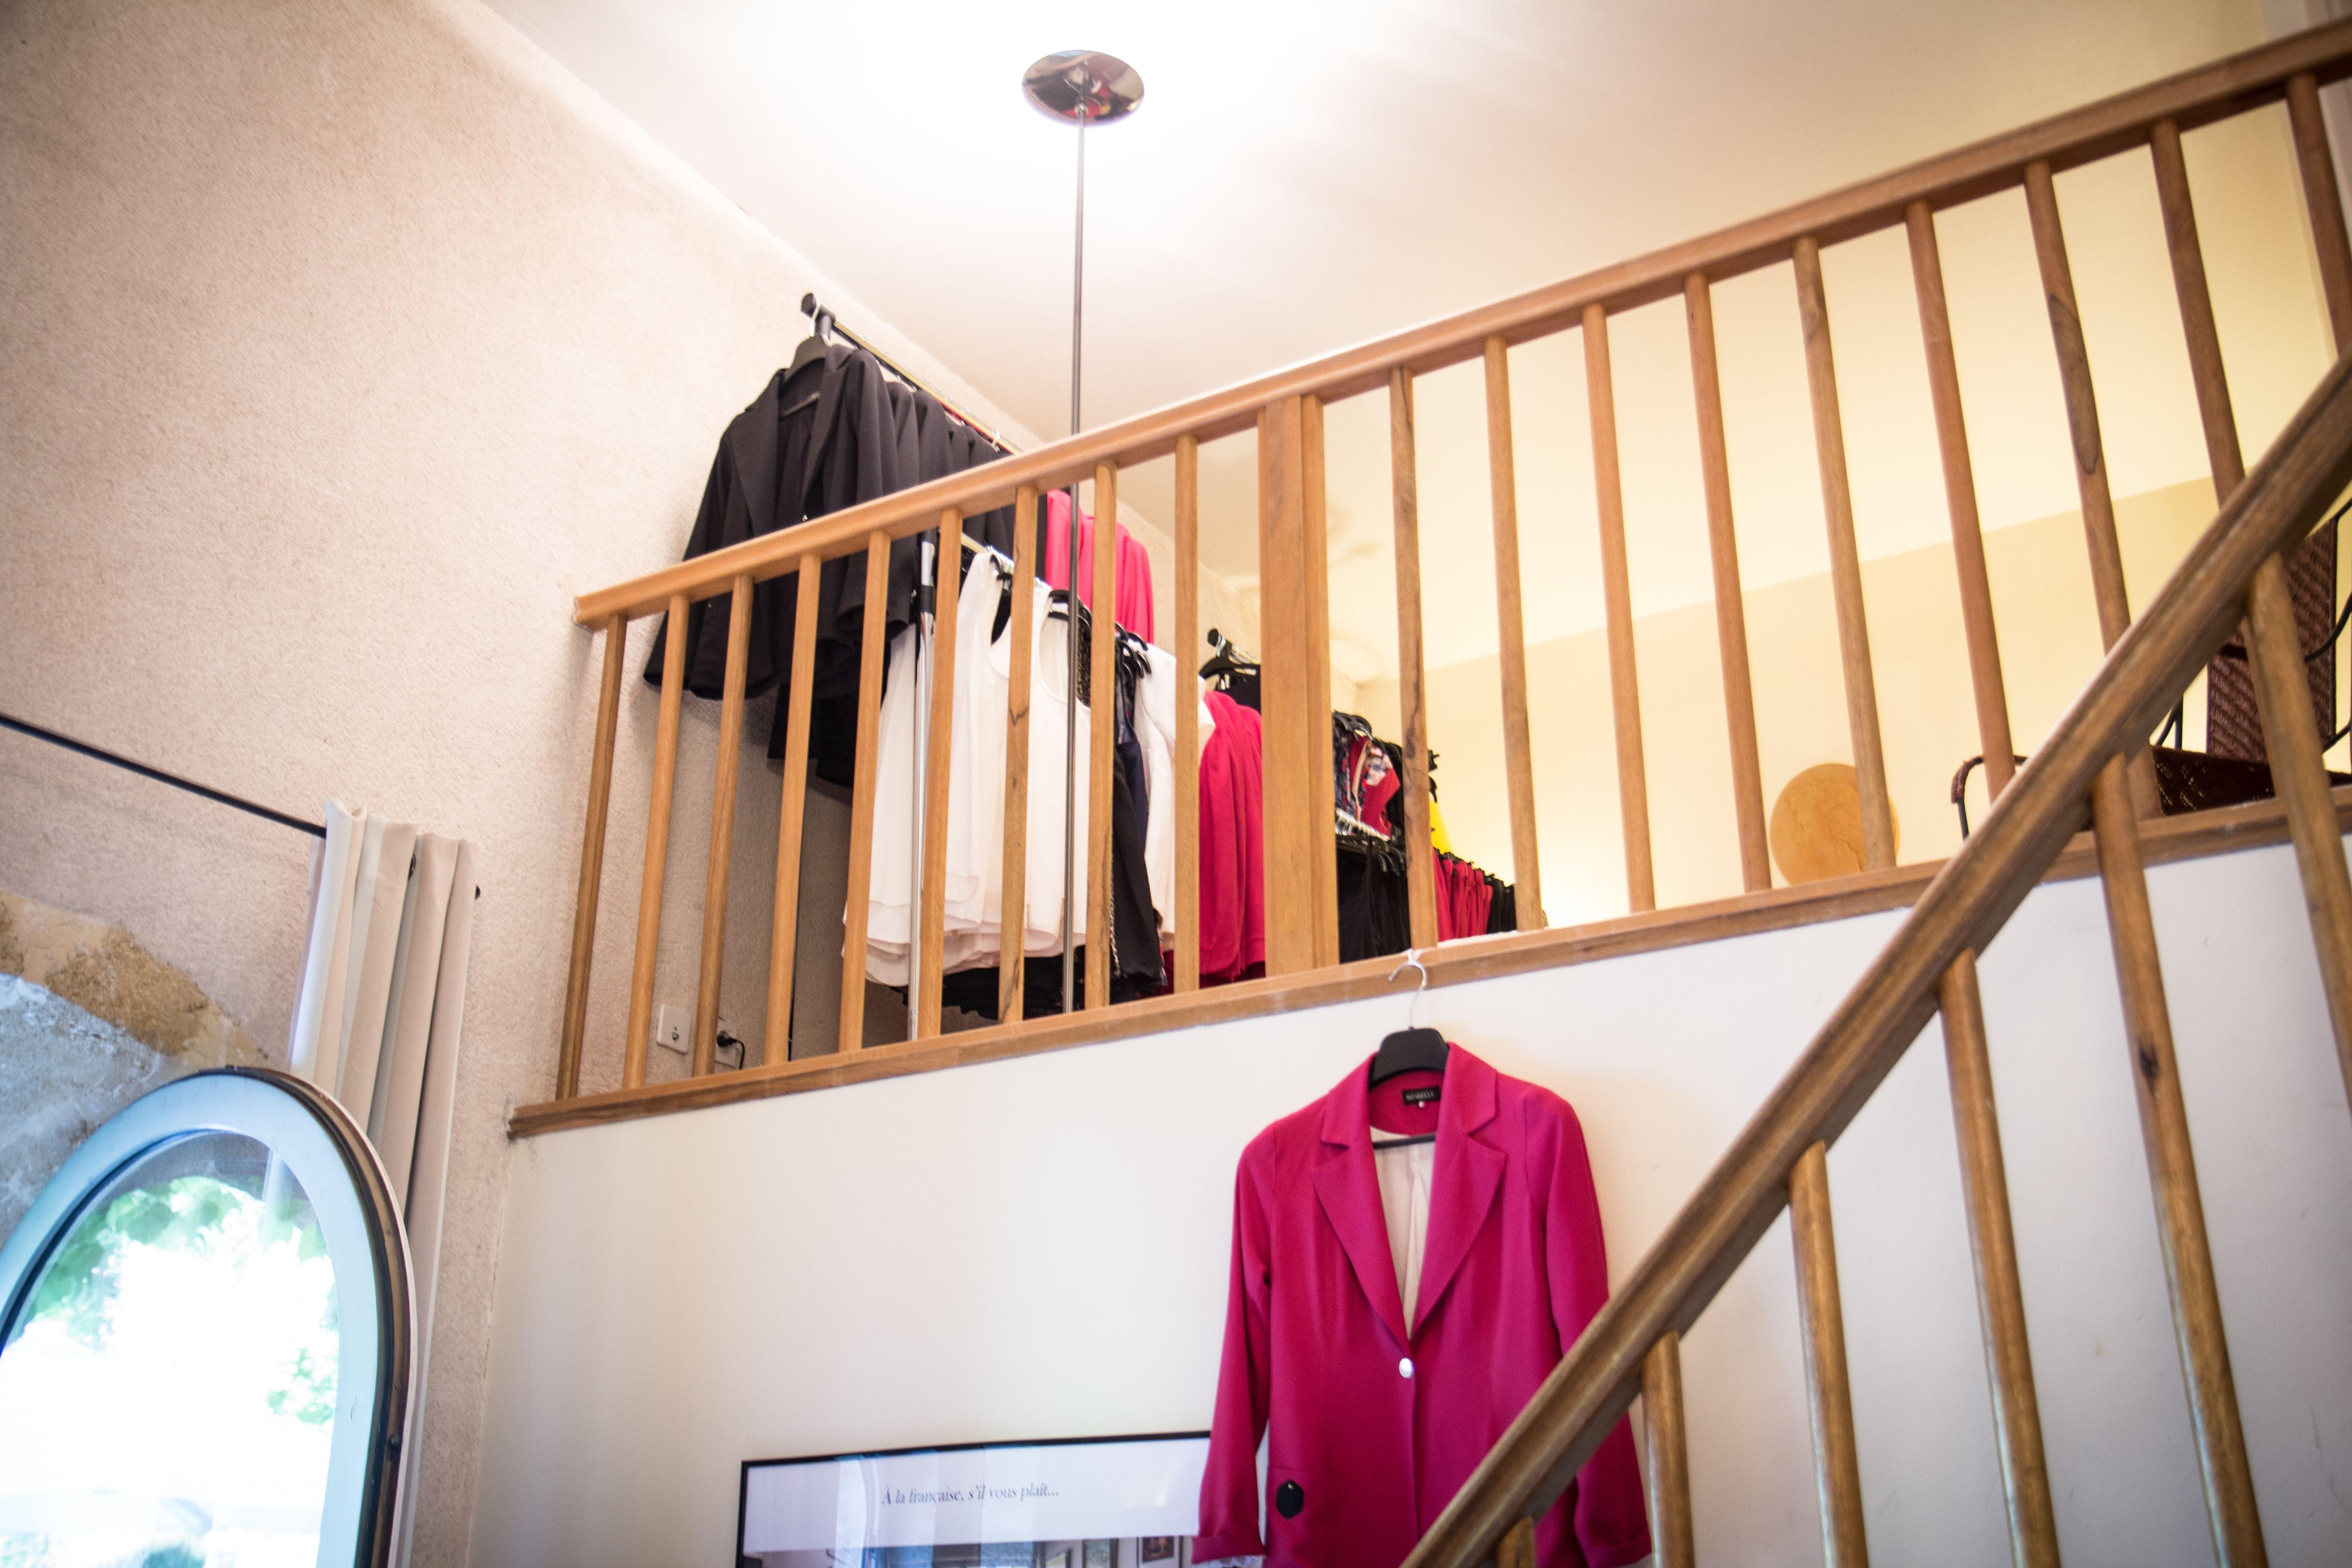 La Maison Borrelly - Vente Privée à la Bastide du Roi René à Aix-en-Provence - #lamaisonborrelly #venteprivee #madeinfrance #madeinprovence #mode #fashion #tendance #madeinfashion #event #newbrand #fashionbrand #collectionprintempsete2015 #ss15